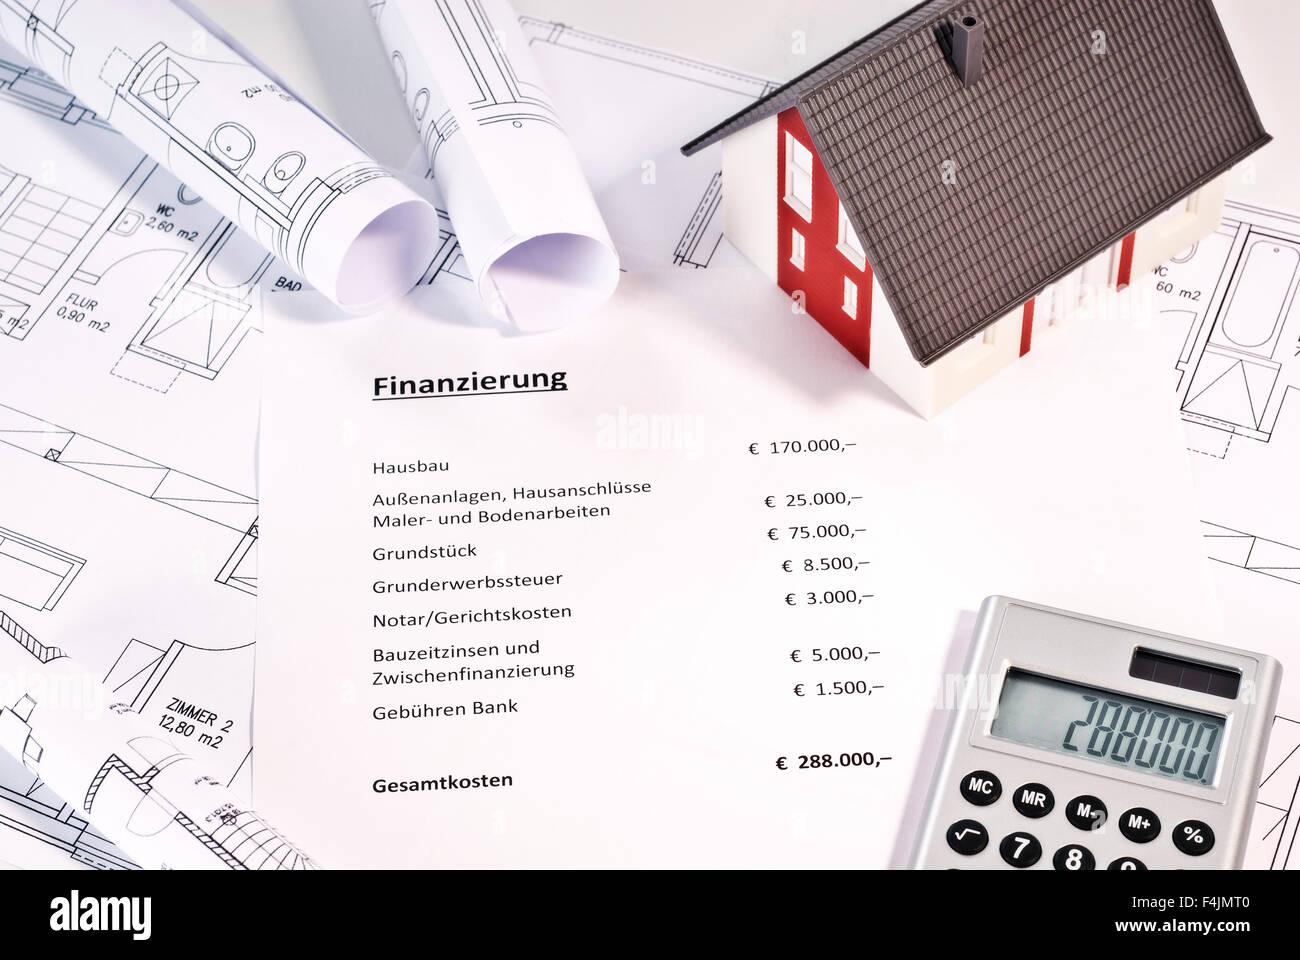 Finanzierung einer Immobilie Stockbild